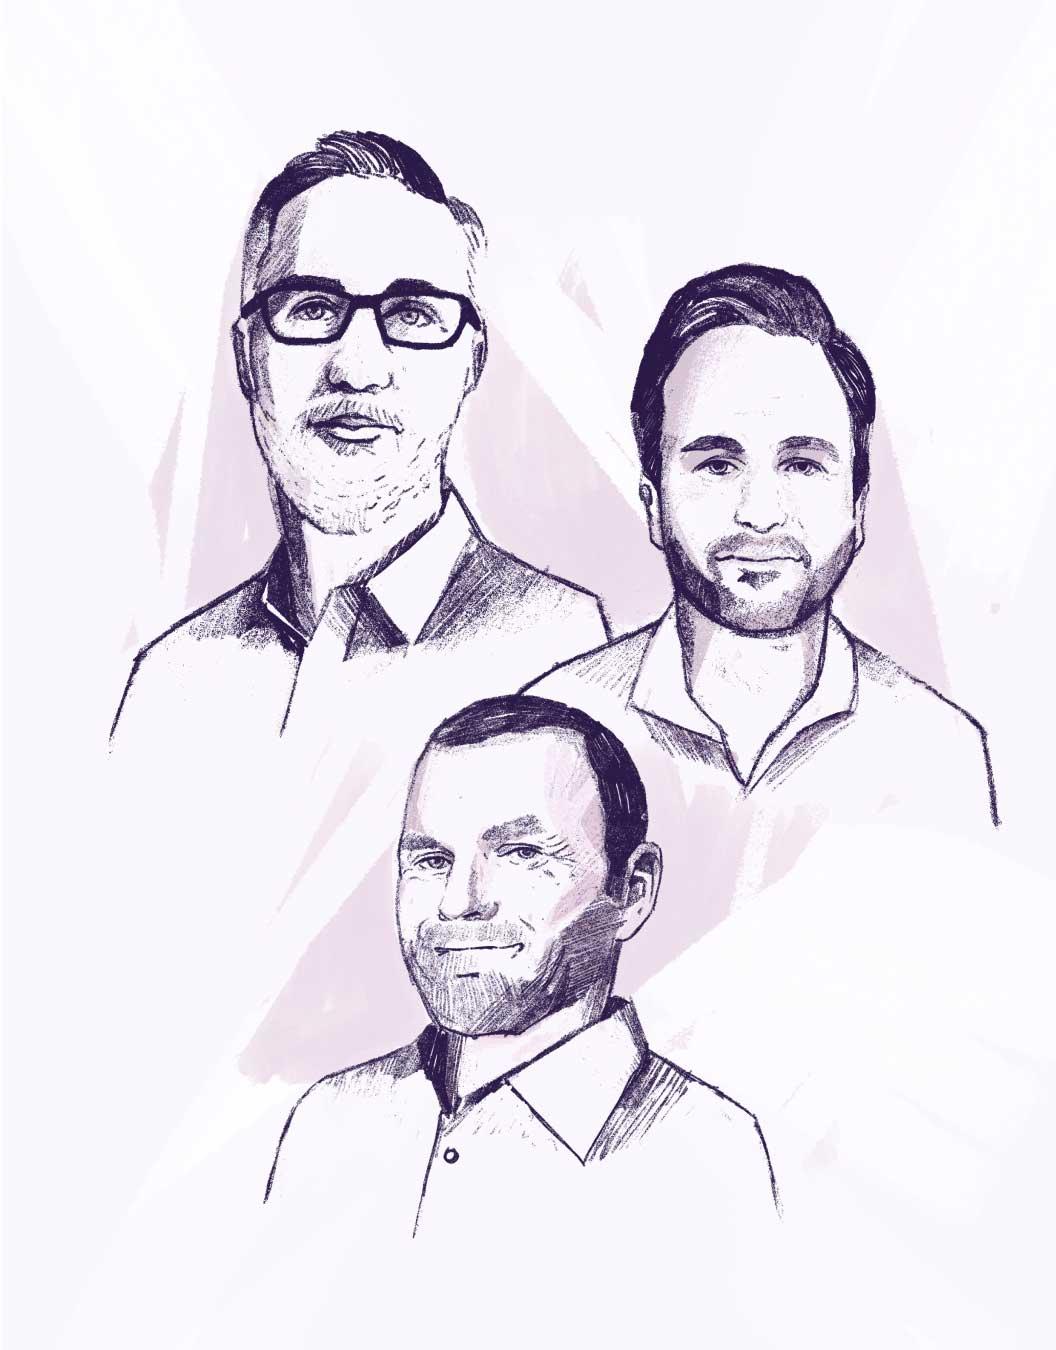 Tommy McClung, Erik Landerholm and David Giffin illustration